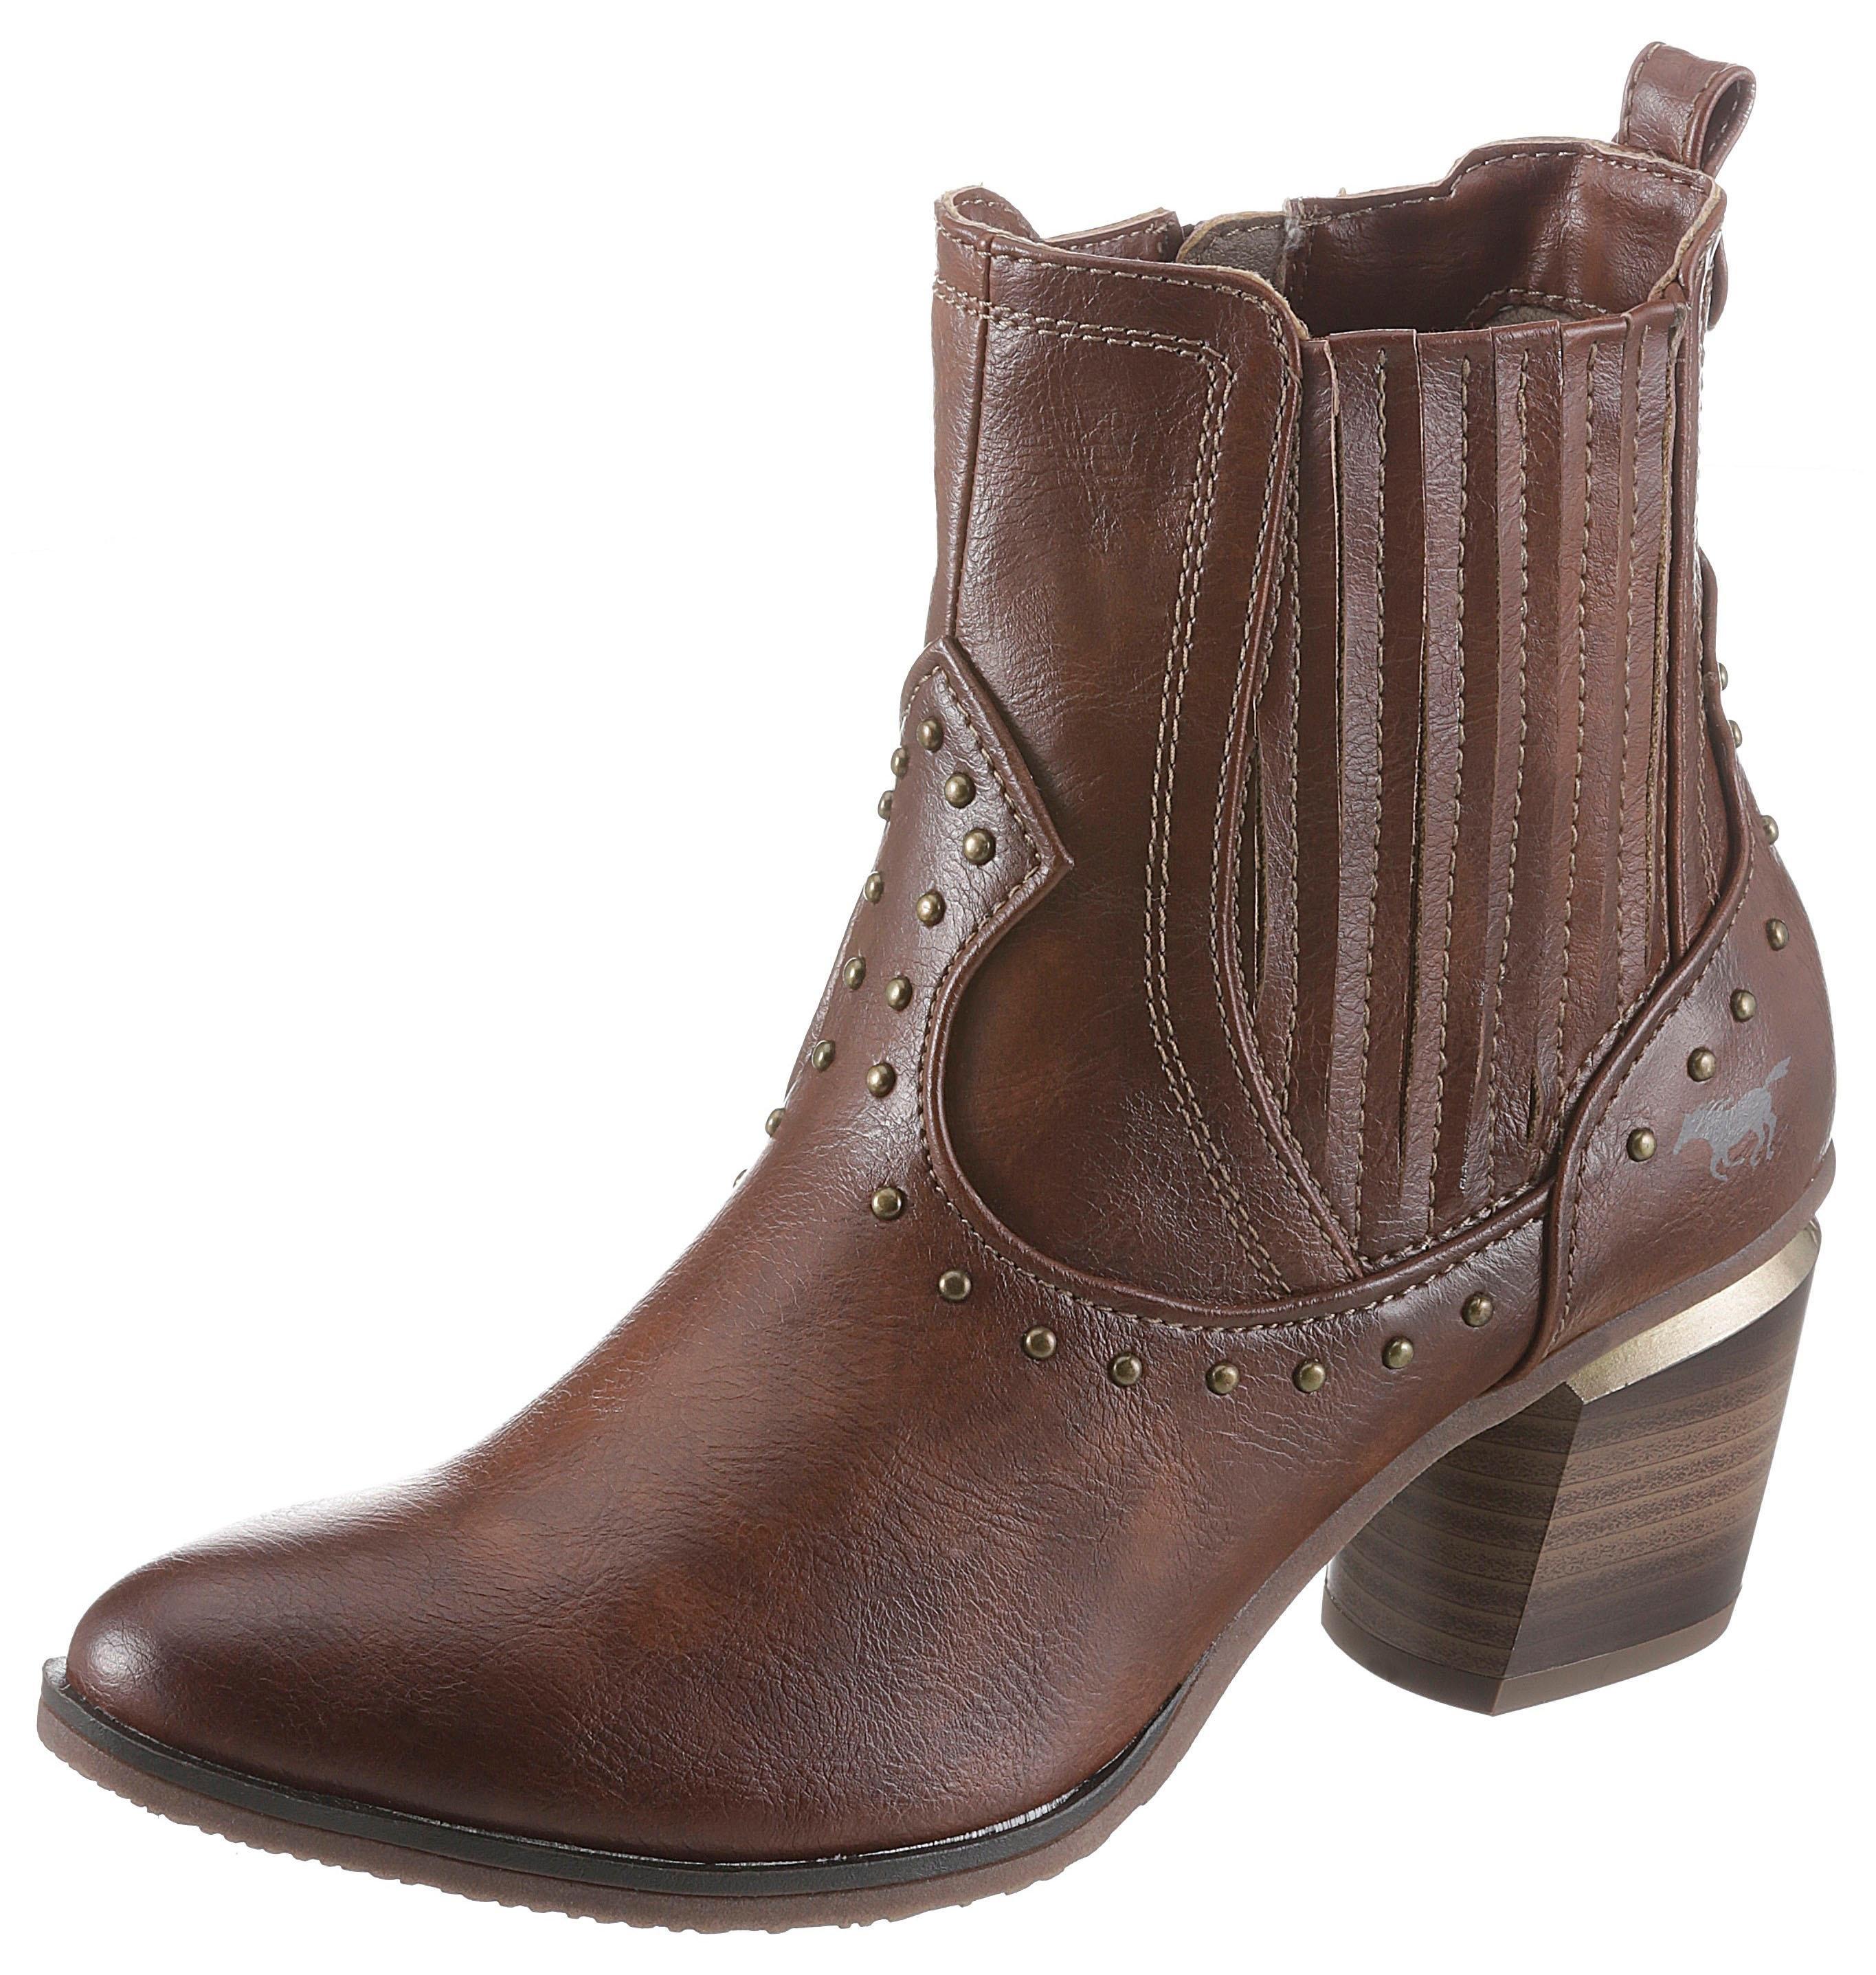 Mustang Shoes cowboylaarsjes - verschillende betaalmethodes